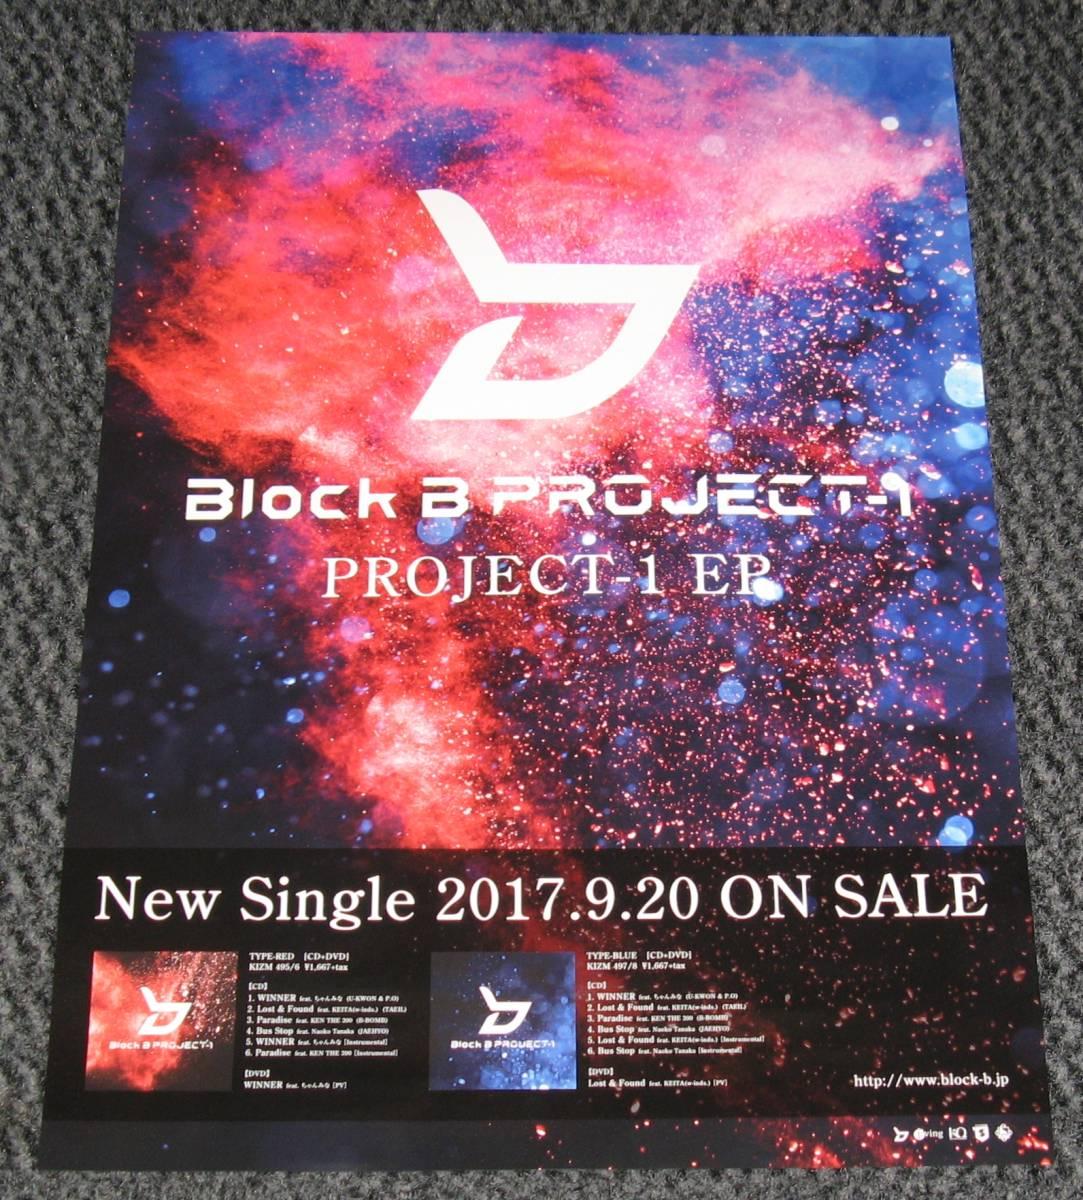 Block B [PROJECT-1 EP] 告知ポスター